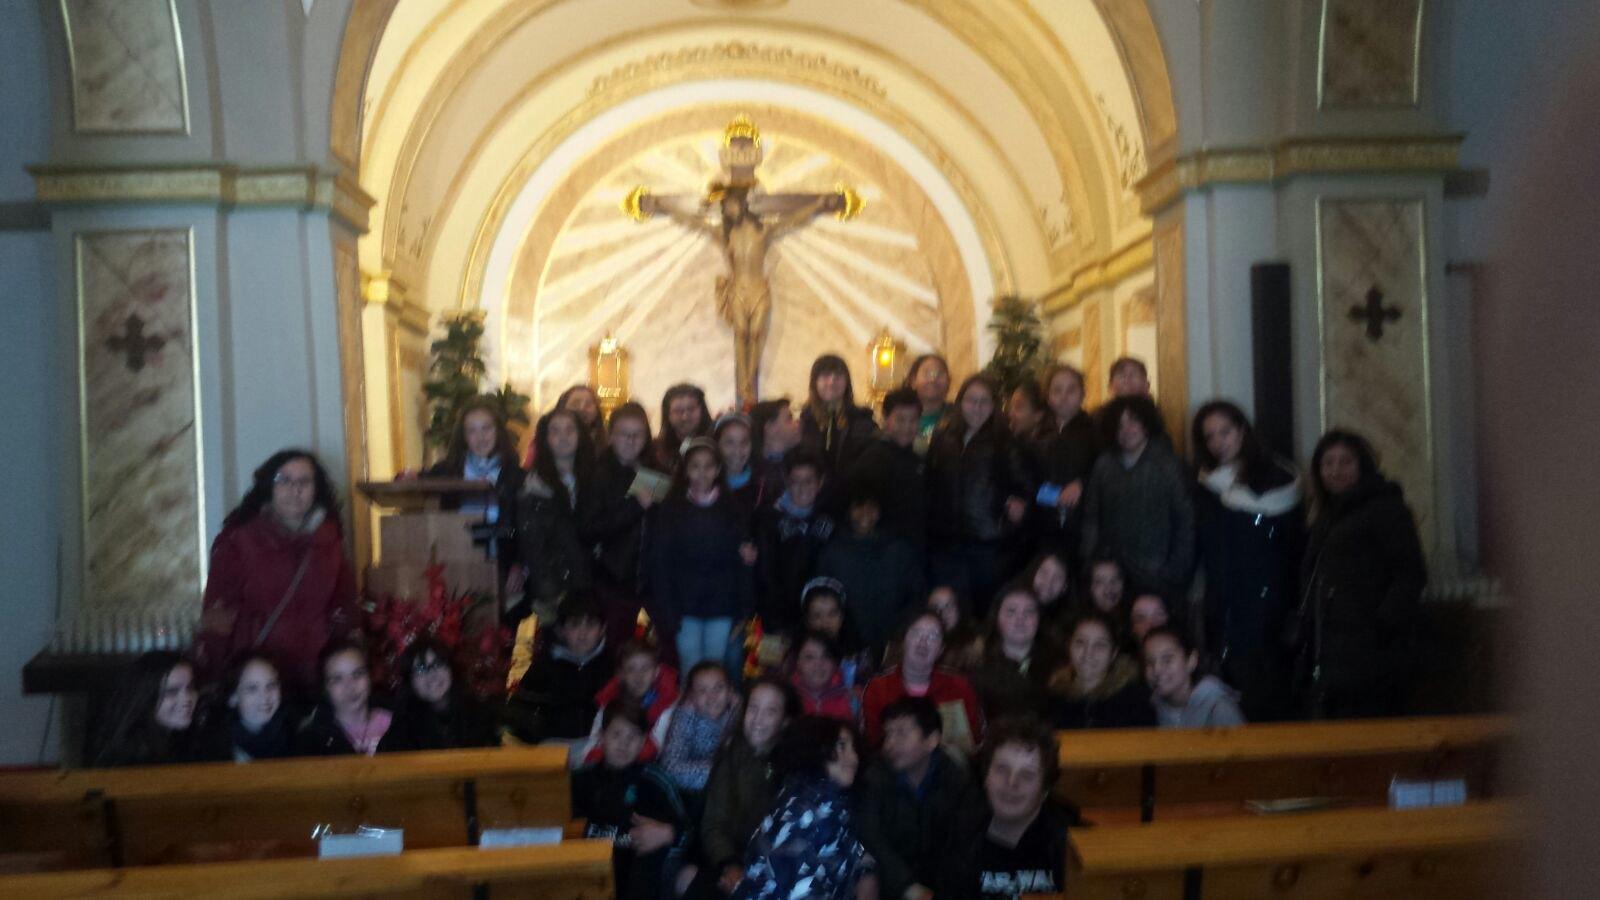 (2018-03-19) - Visita ermita alumnos Yolada-Pilar,6º, Virrey Poveda-9 de Octubre - Maria Isabel Berenquer Brotons - (03)